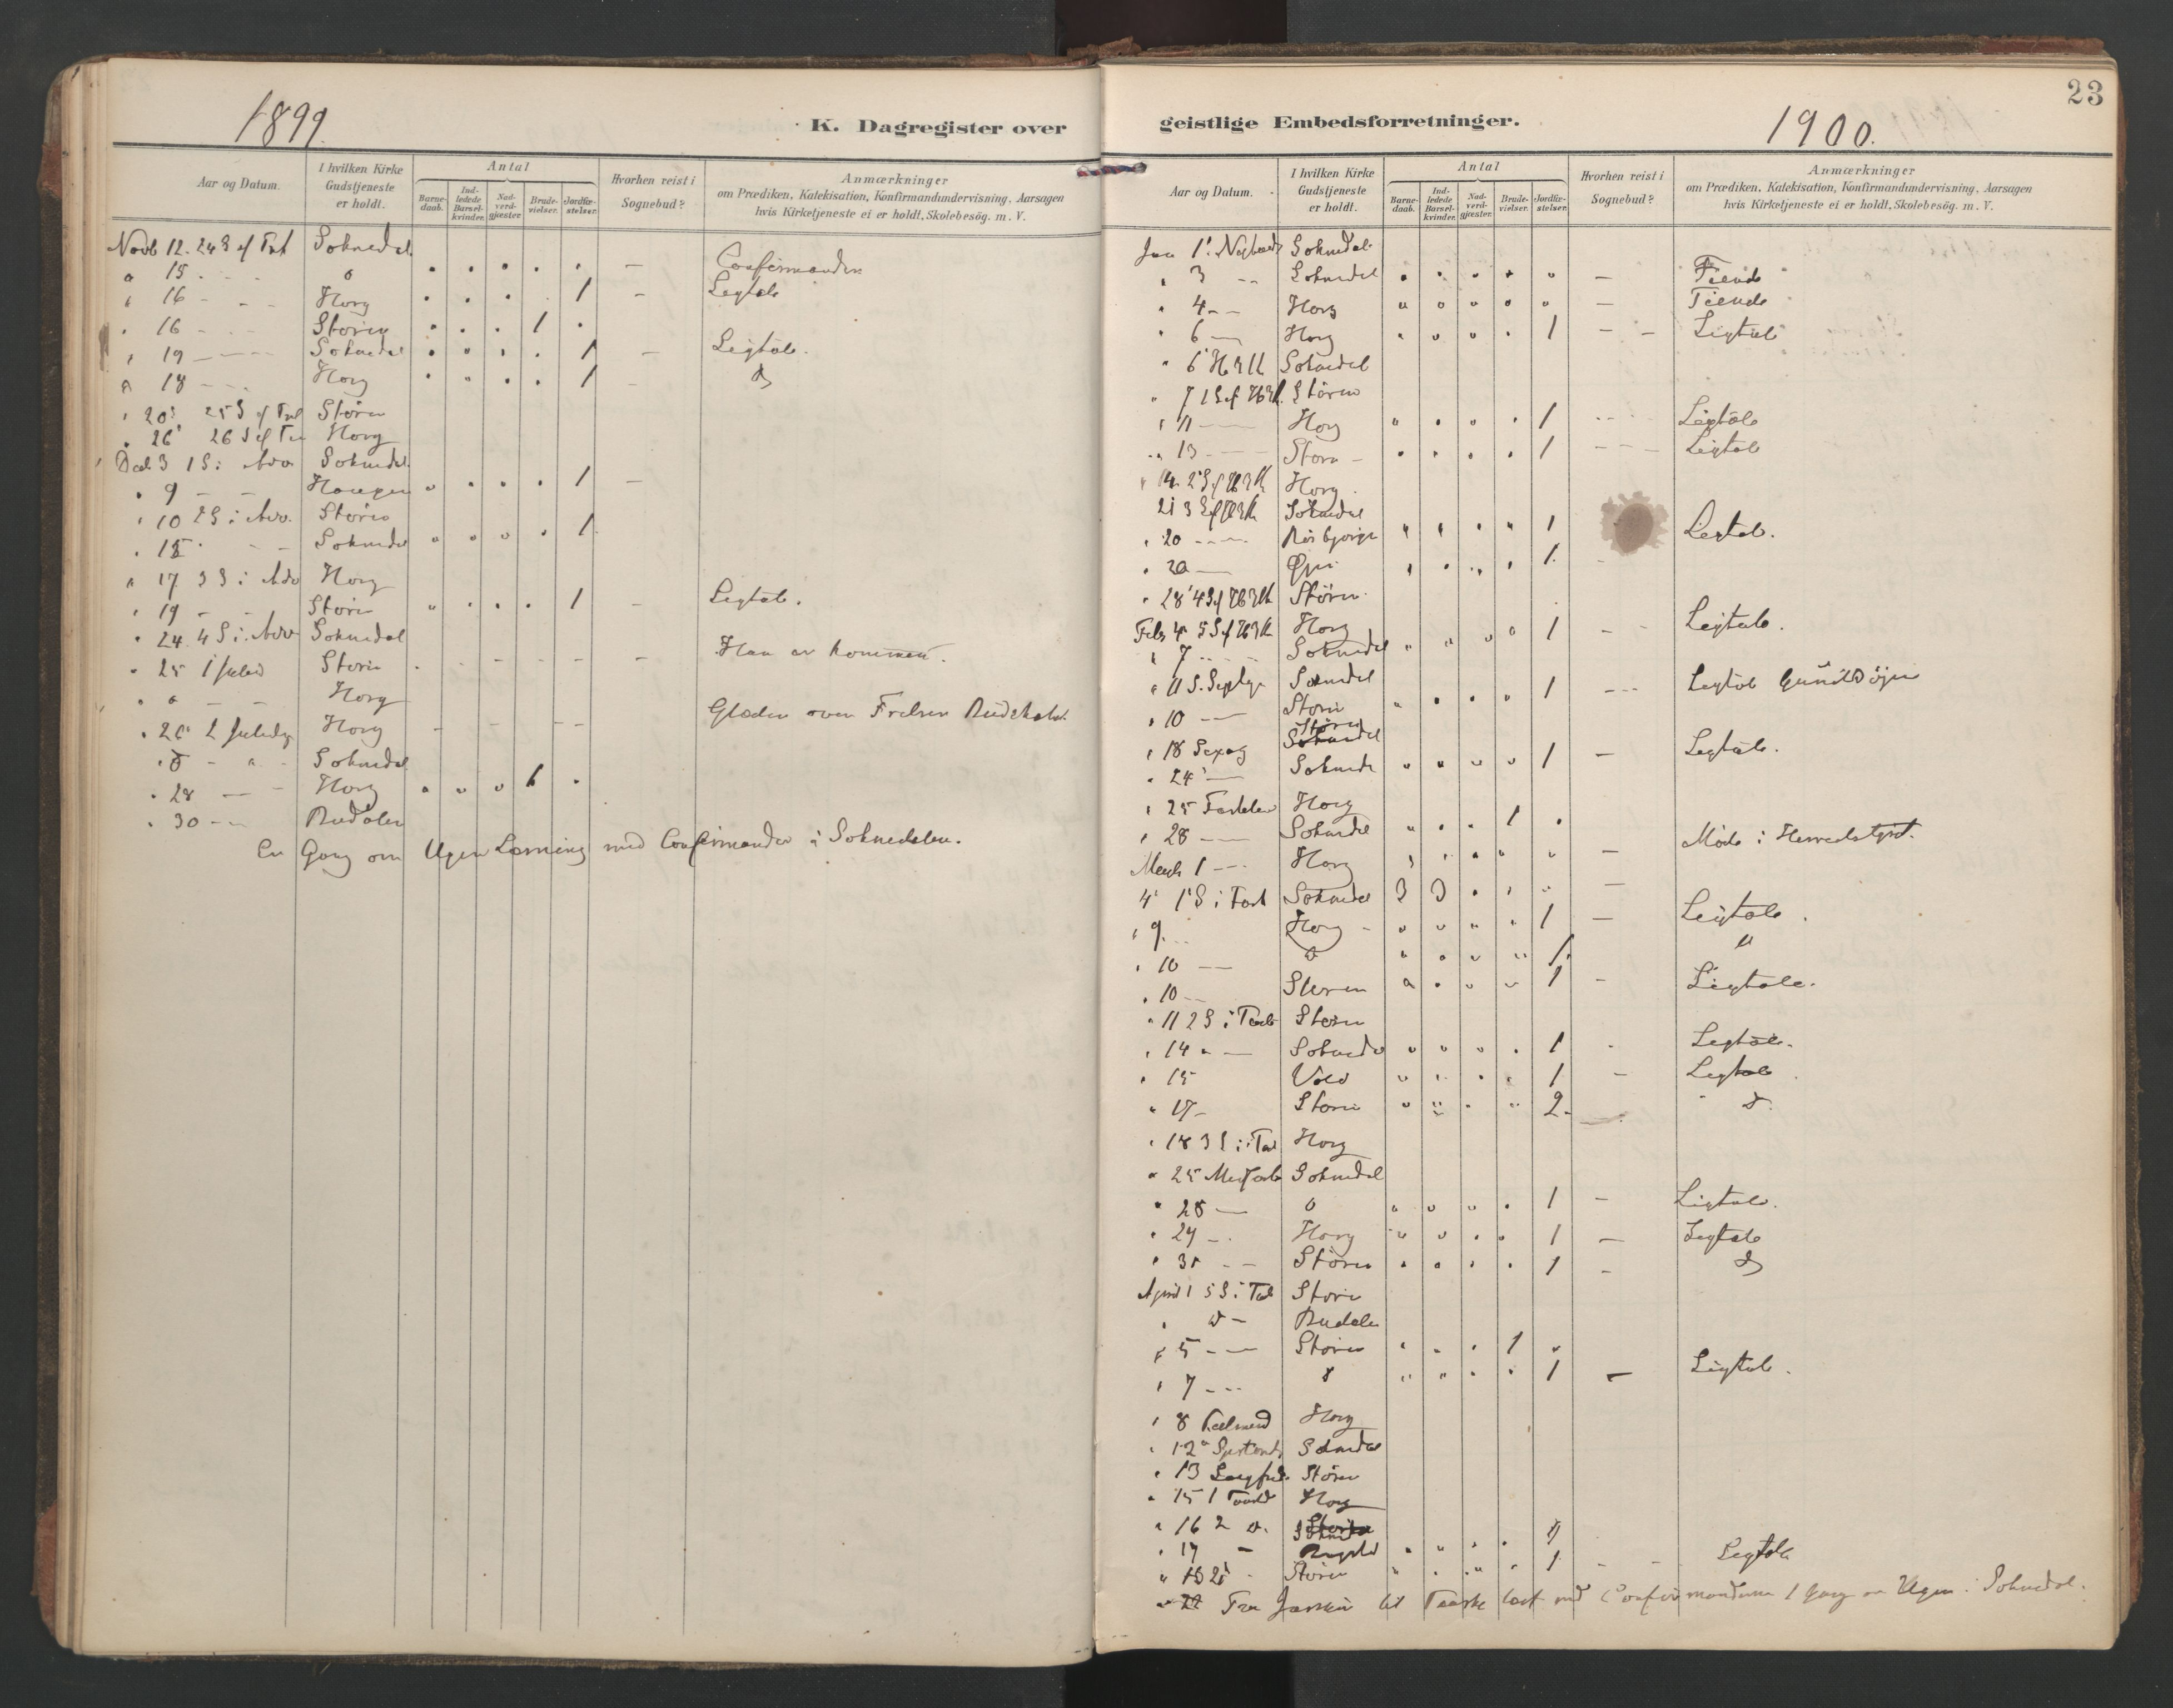 SAT, Ministerialprotokoller, klokkerbøker og fødselsregistre - Sør-Trøndelag, 687/L1005: Dagregister nr. 687A11, 1891-1912, s. 23